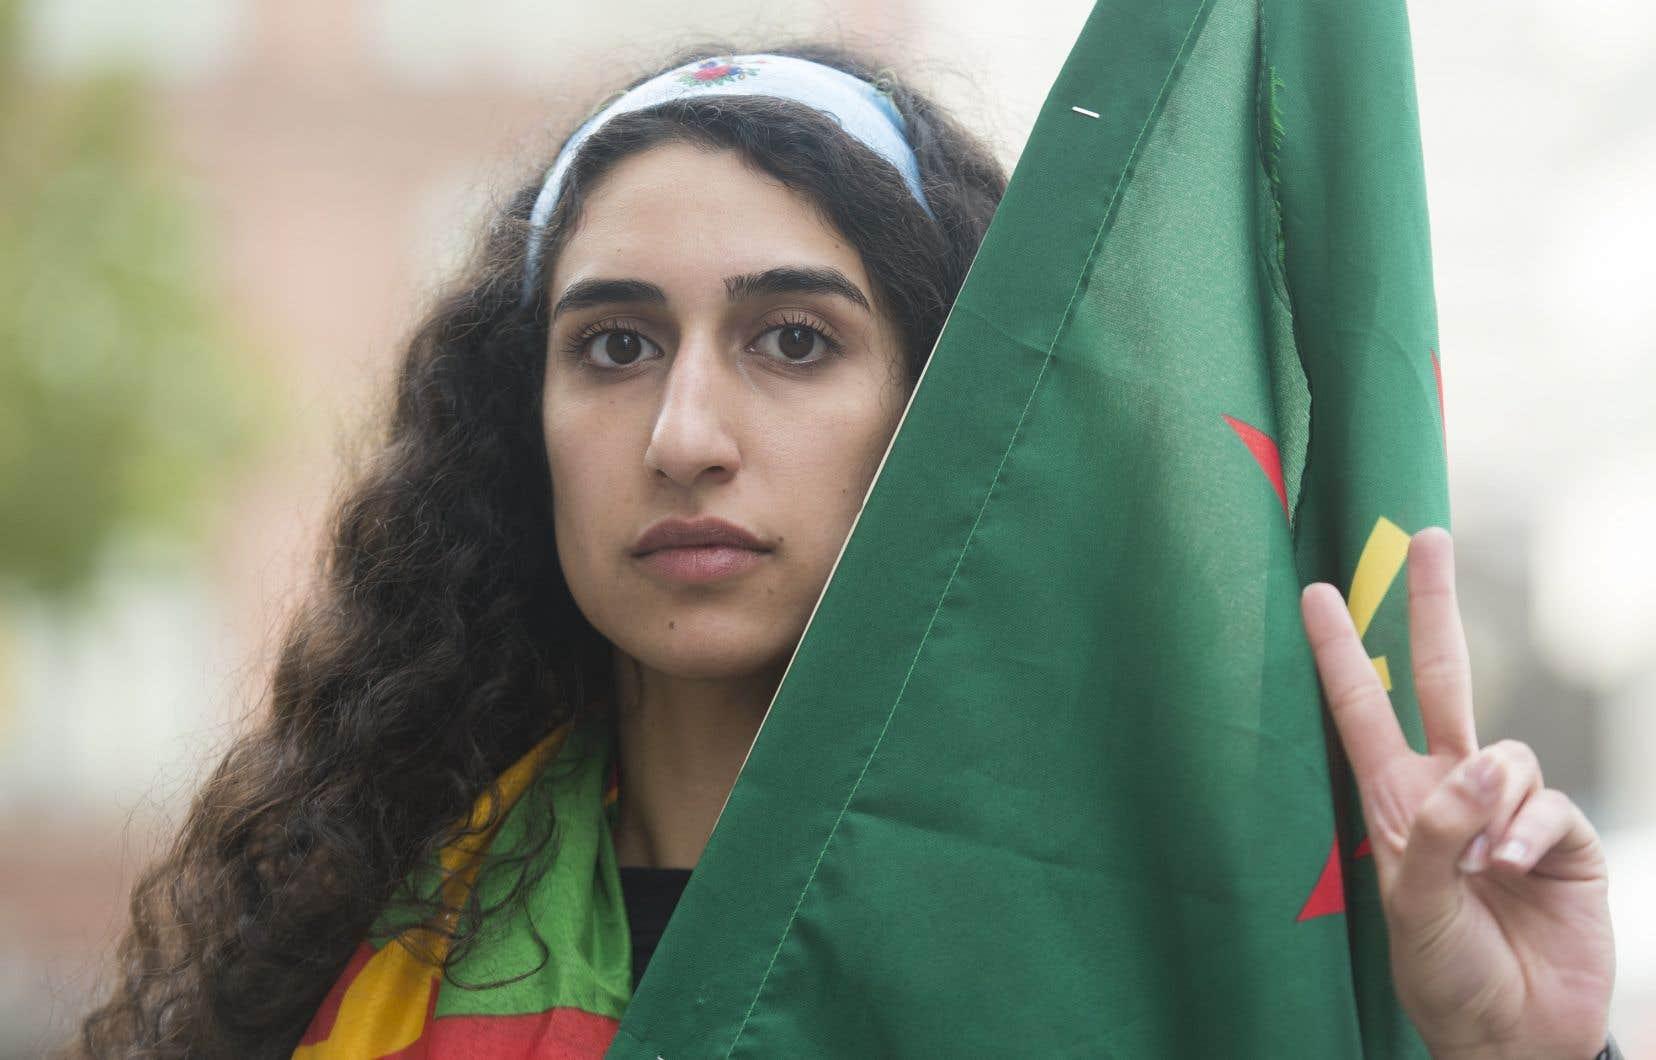 Selon Beritan Oerde, organisatrice à la Fondation kurde du Québec, la manifestation pourrait contribuer à faire pression sur les gouvernements et les institutions internationales pour qu'ils agissent plus fermement.